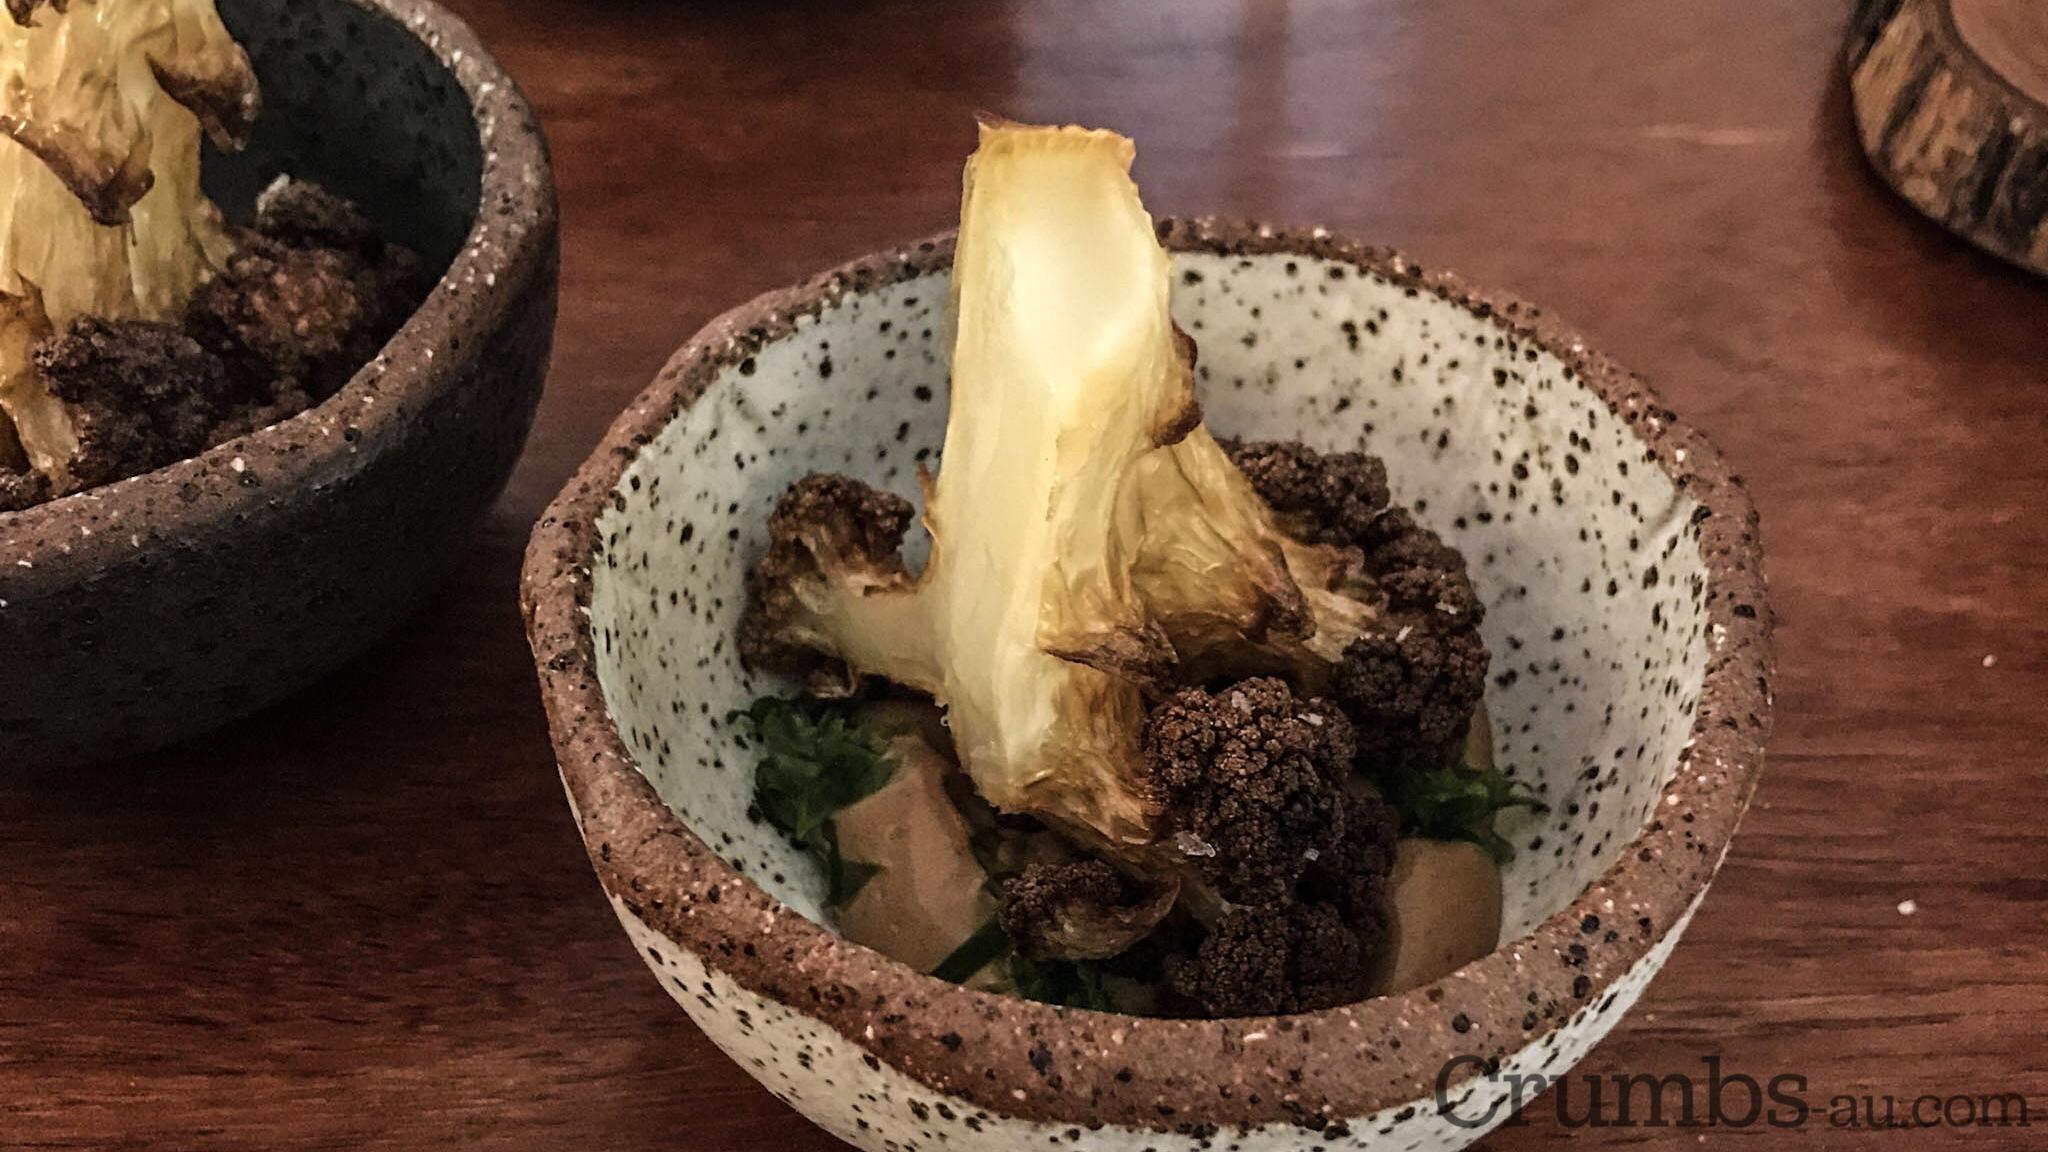 char cauliflower, black garlic